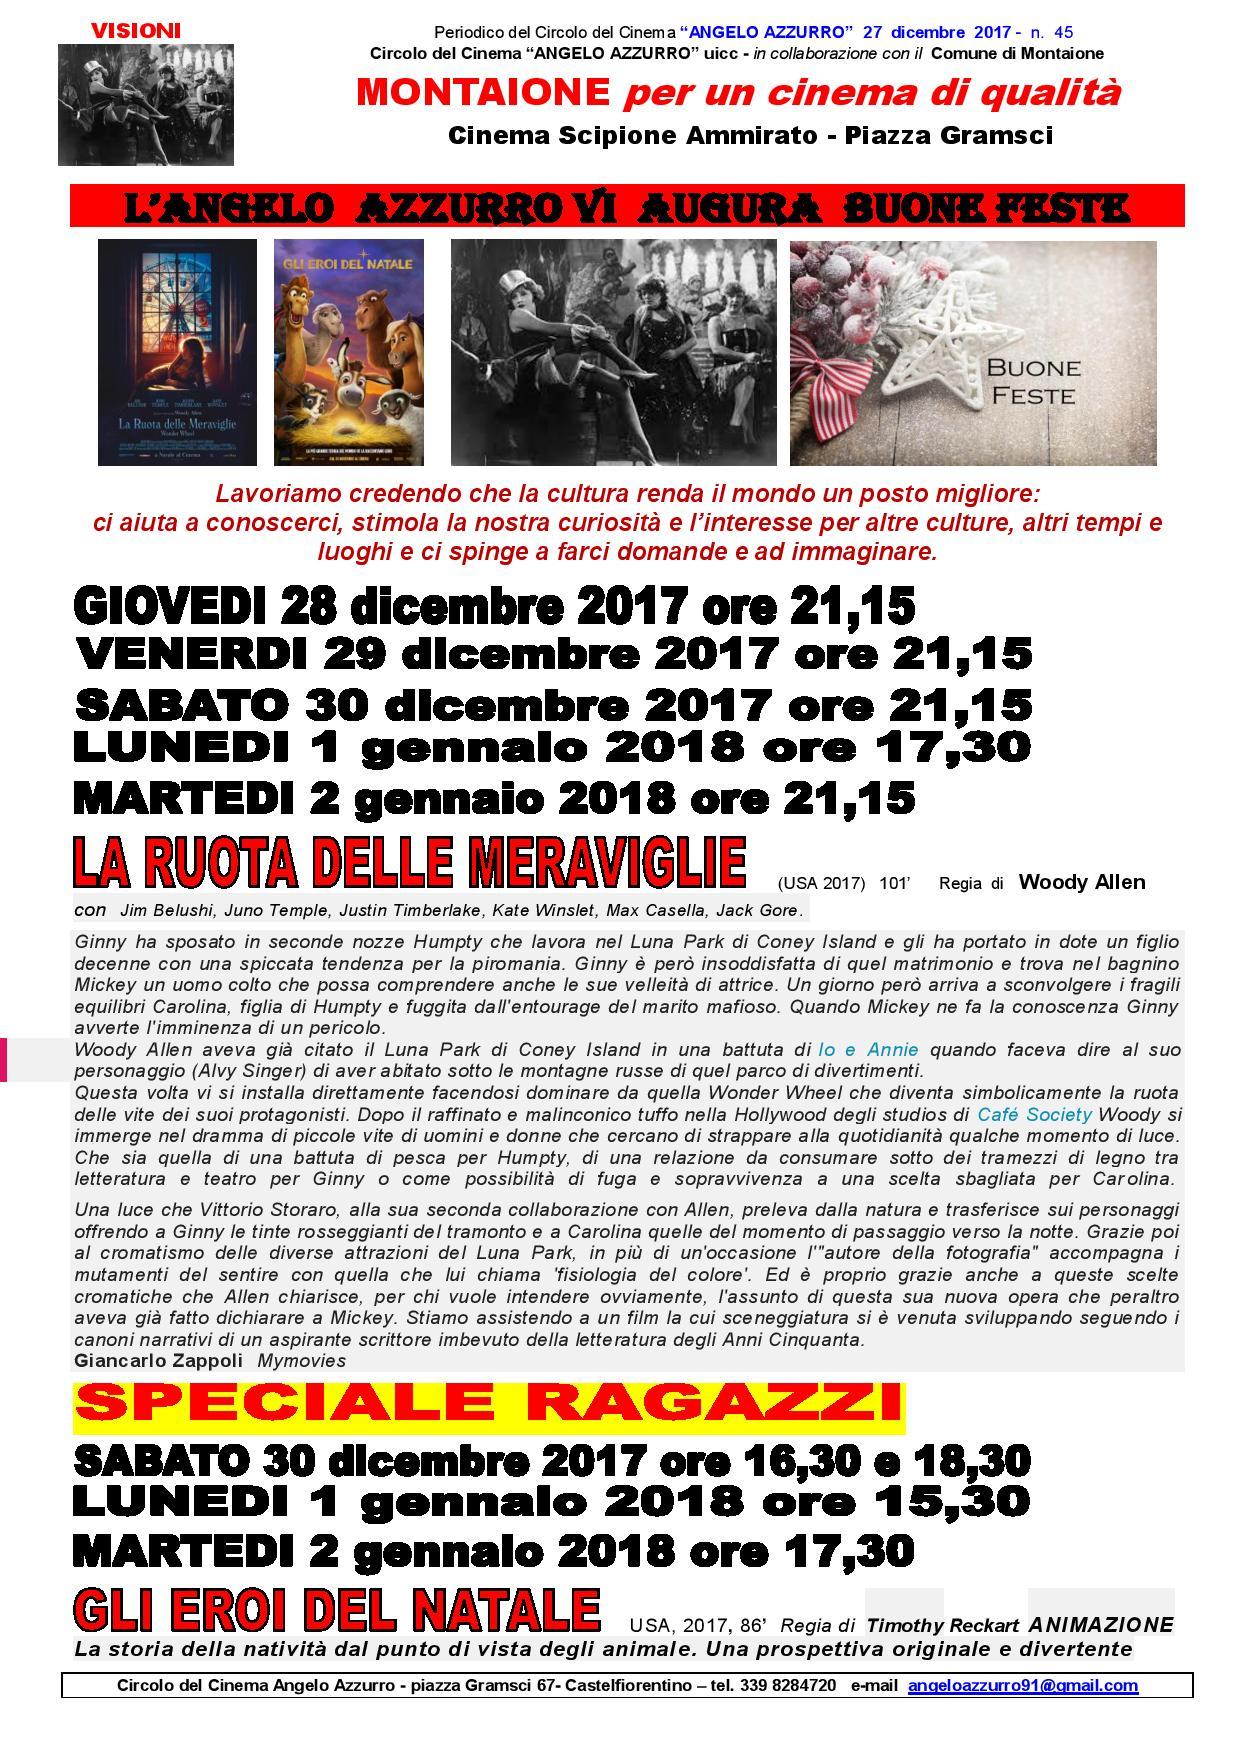 45 BOLLETTINO 27 dicembre 2017-page-001